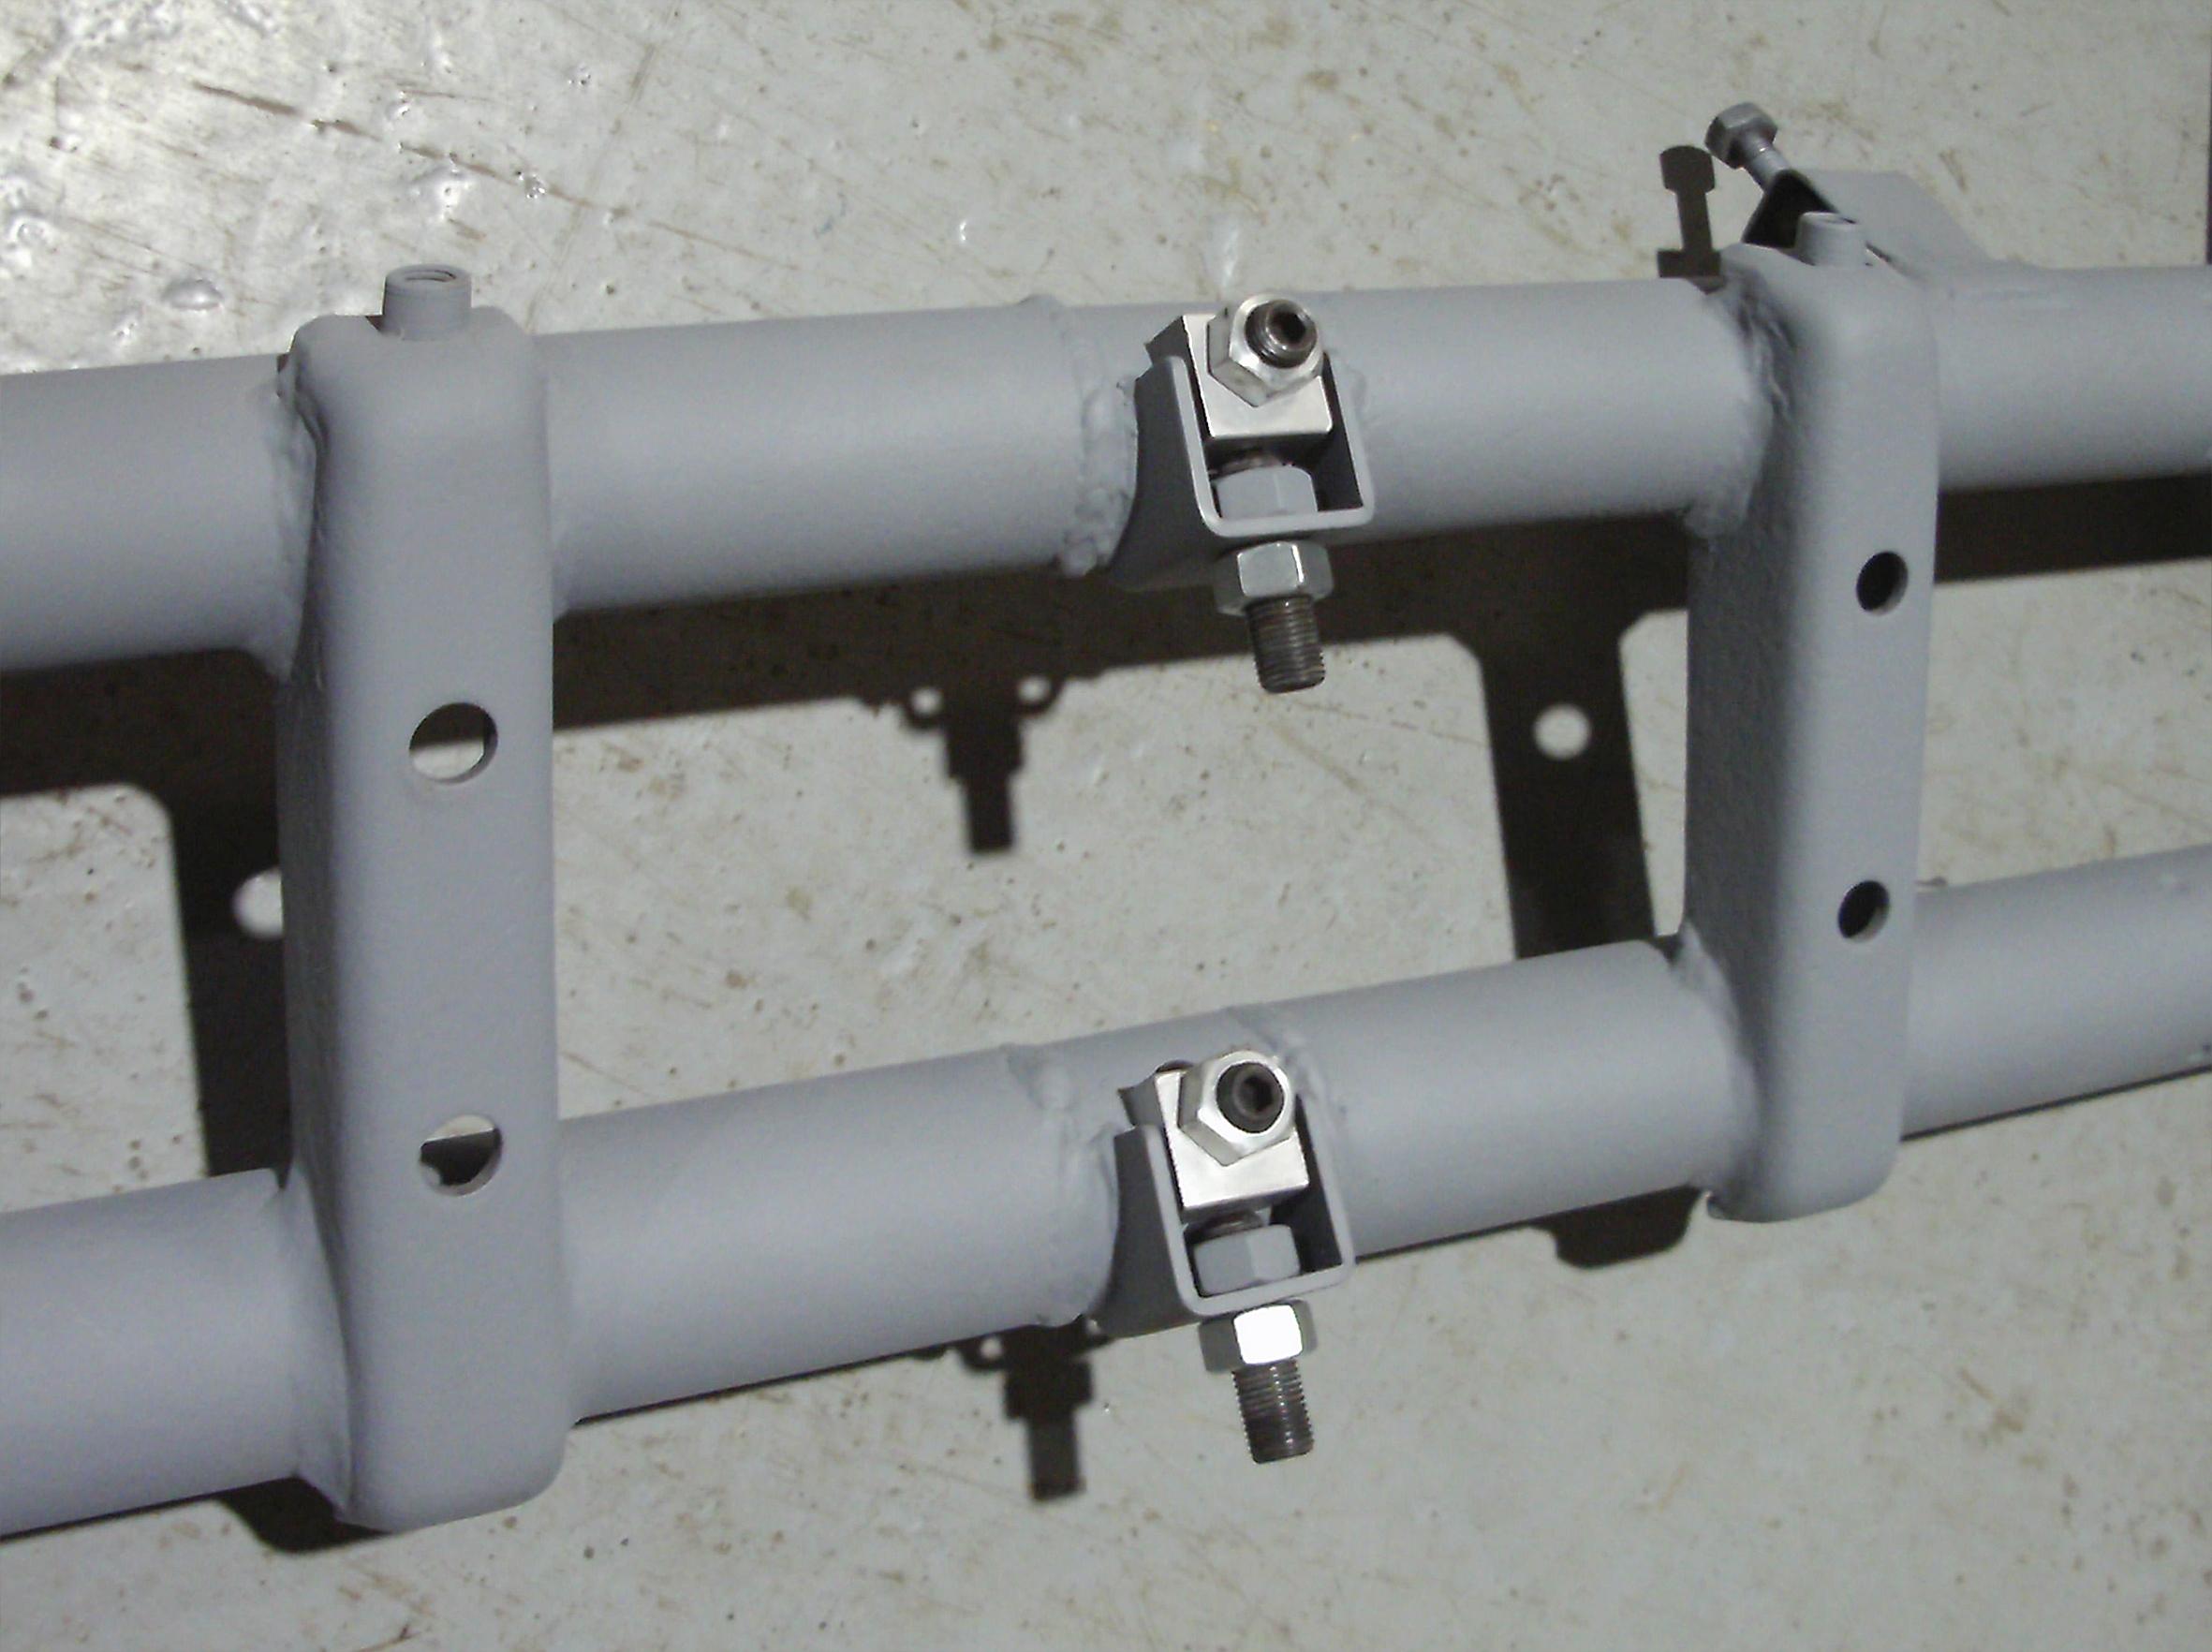 Axle adjusters